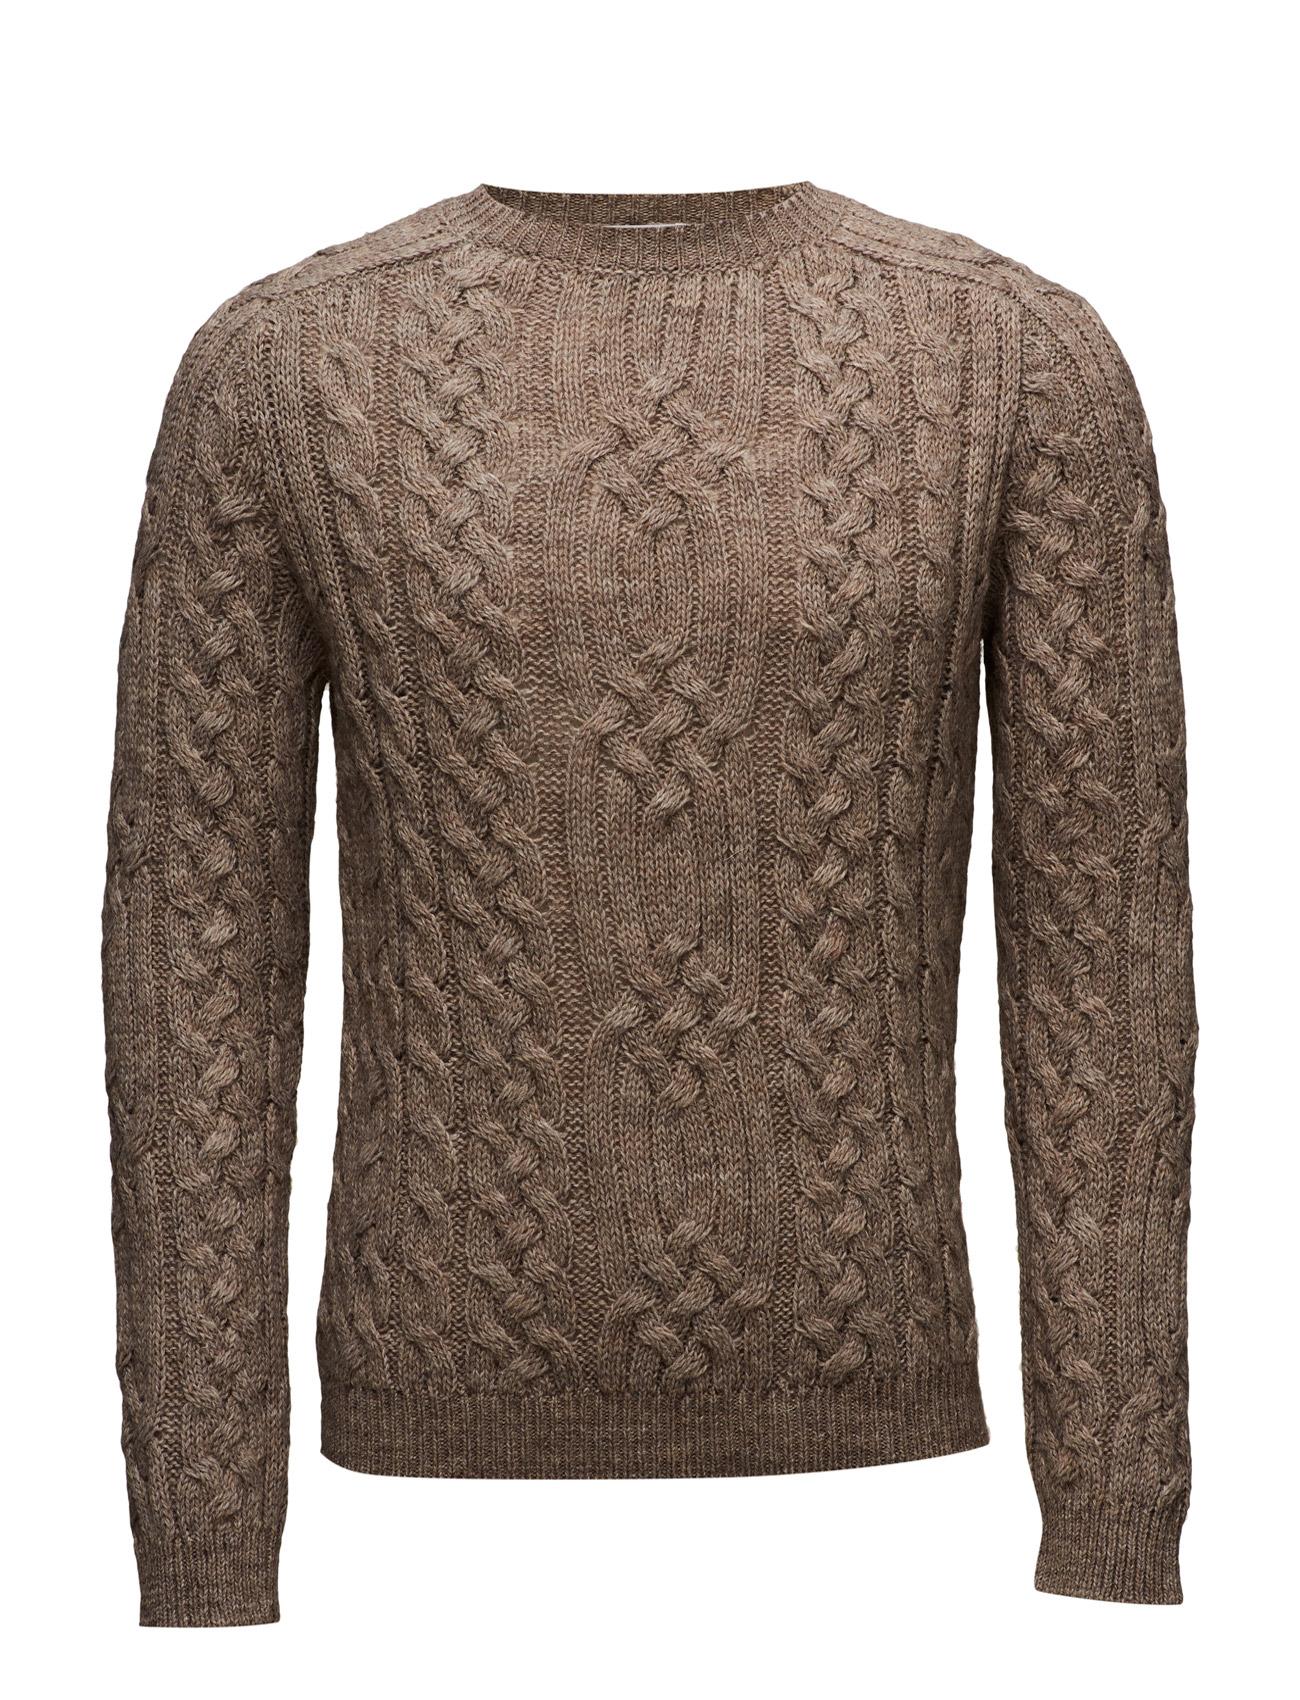 Sweater L/S United Colors of Benetton Striktøj til Mænd i